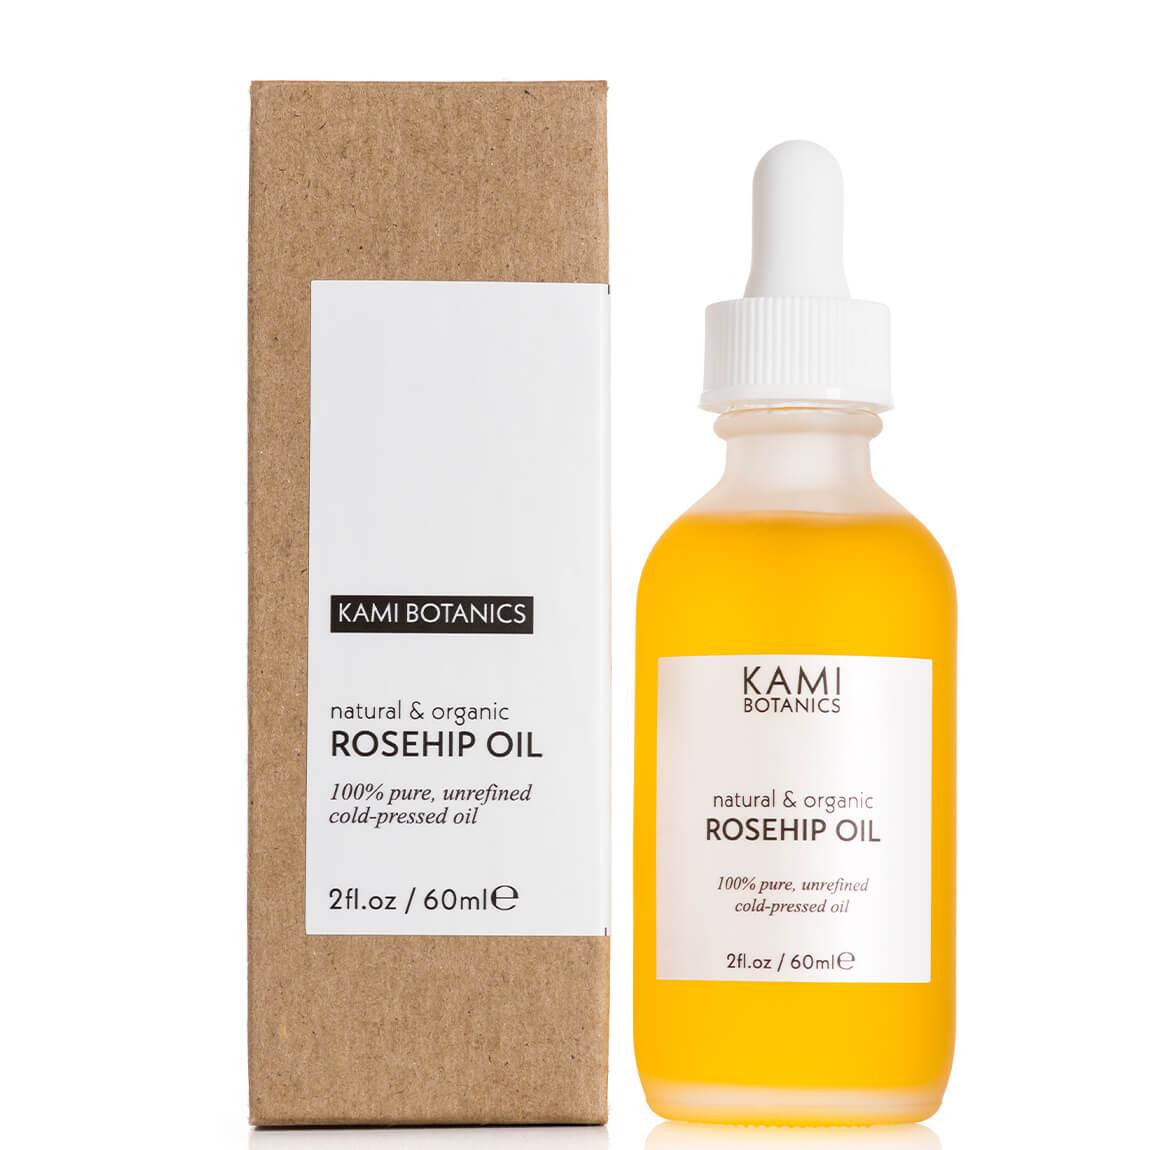 Kami Botanics 100% Pure, Cold-Pressed Rosehip Oil 60ml